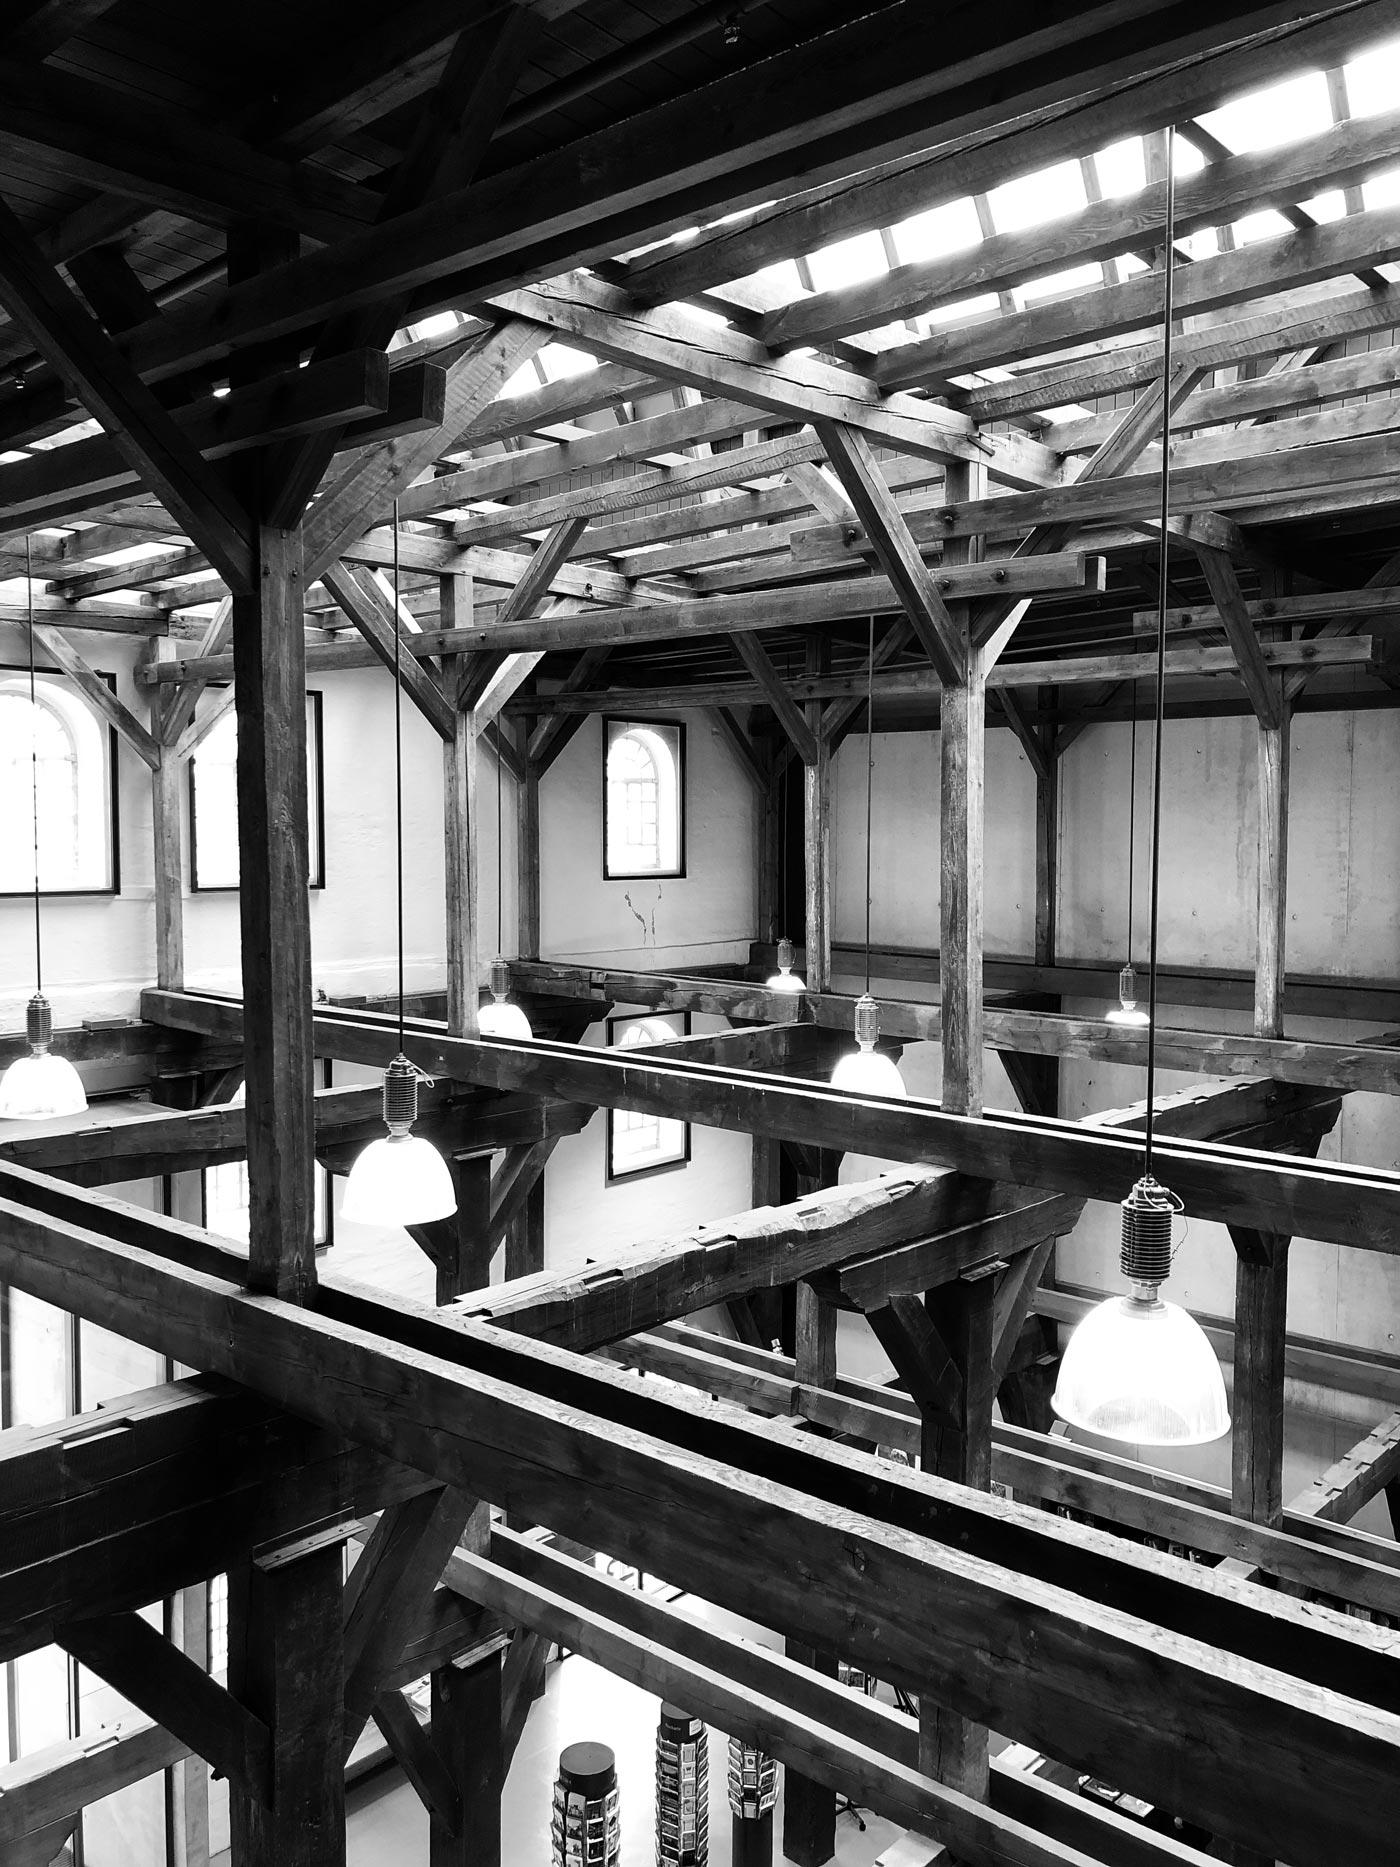 Schwarzweiß-Bild eines Innenraums in einem alten Getreidespeicher